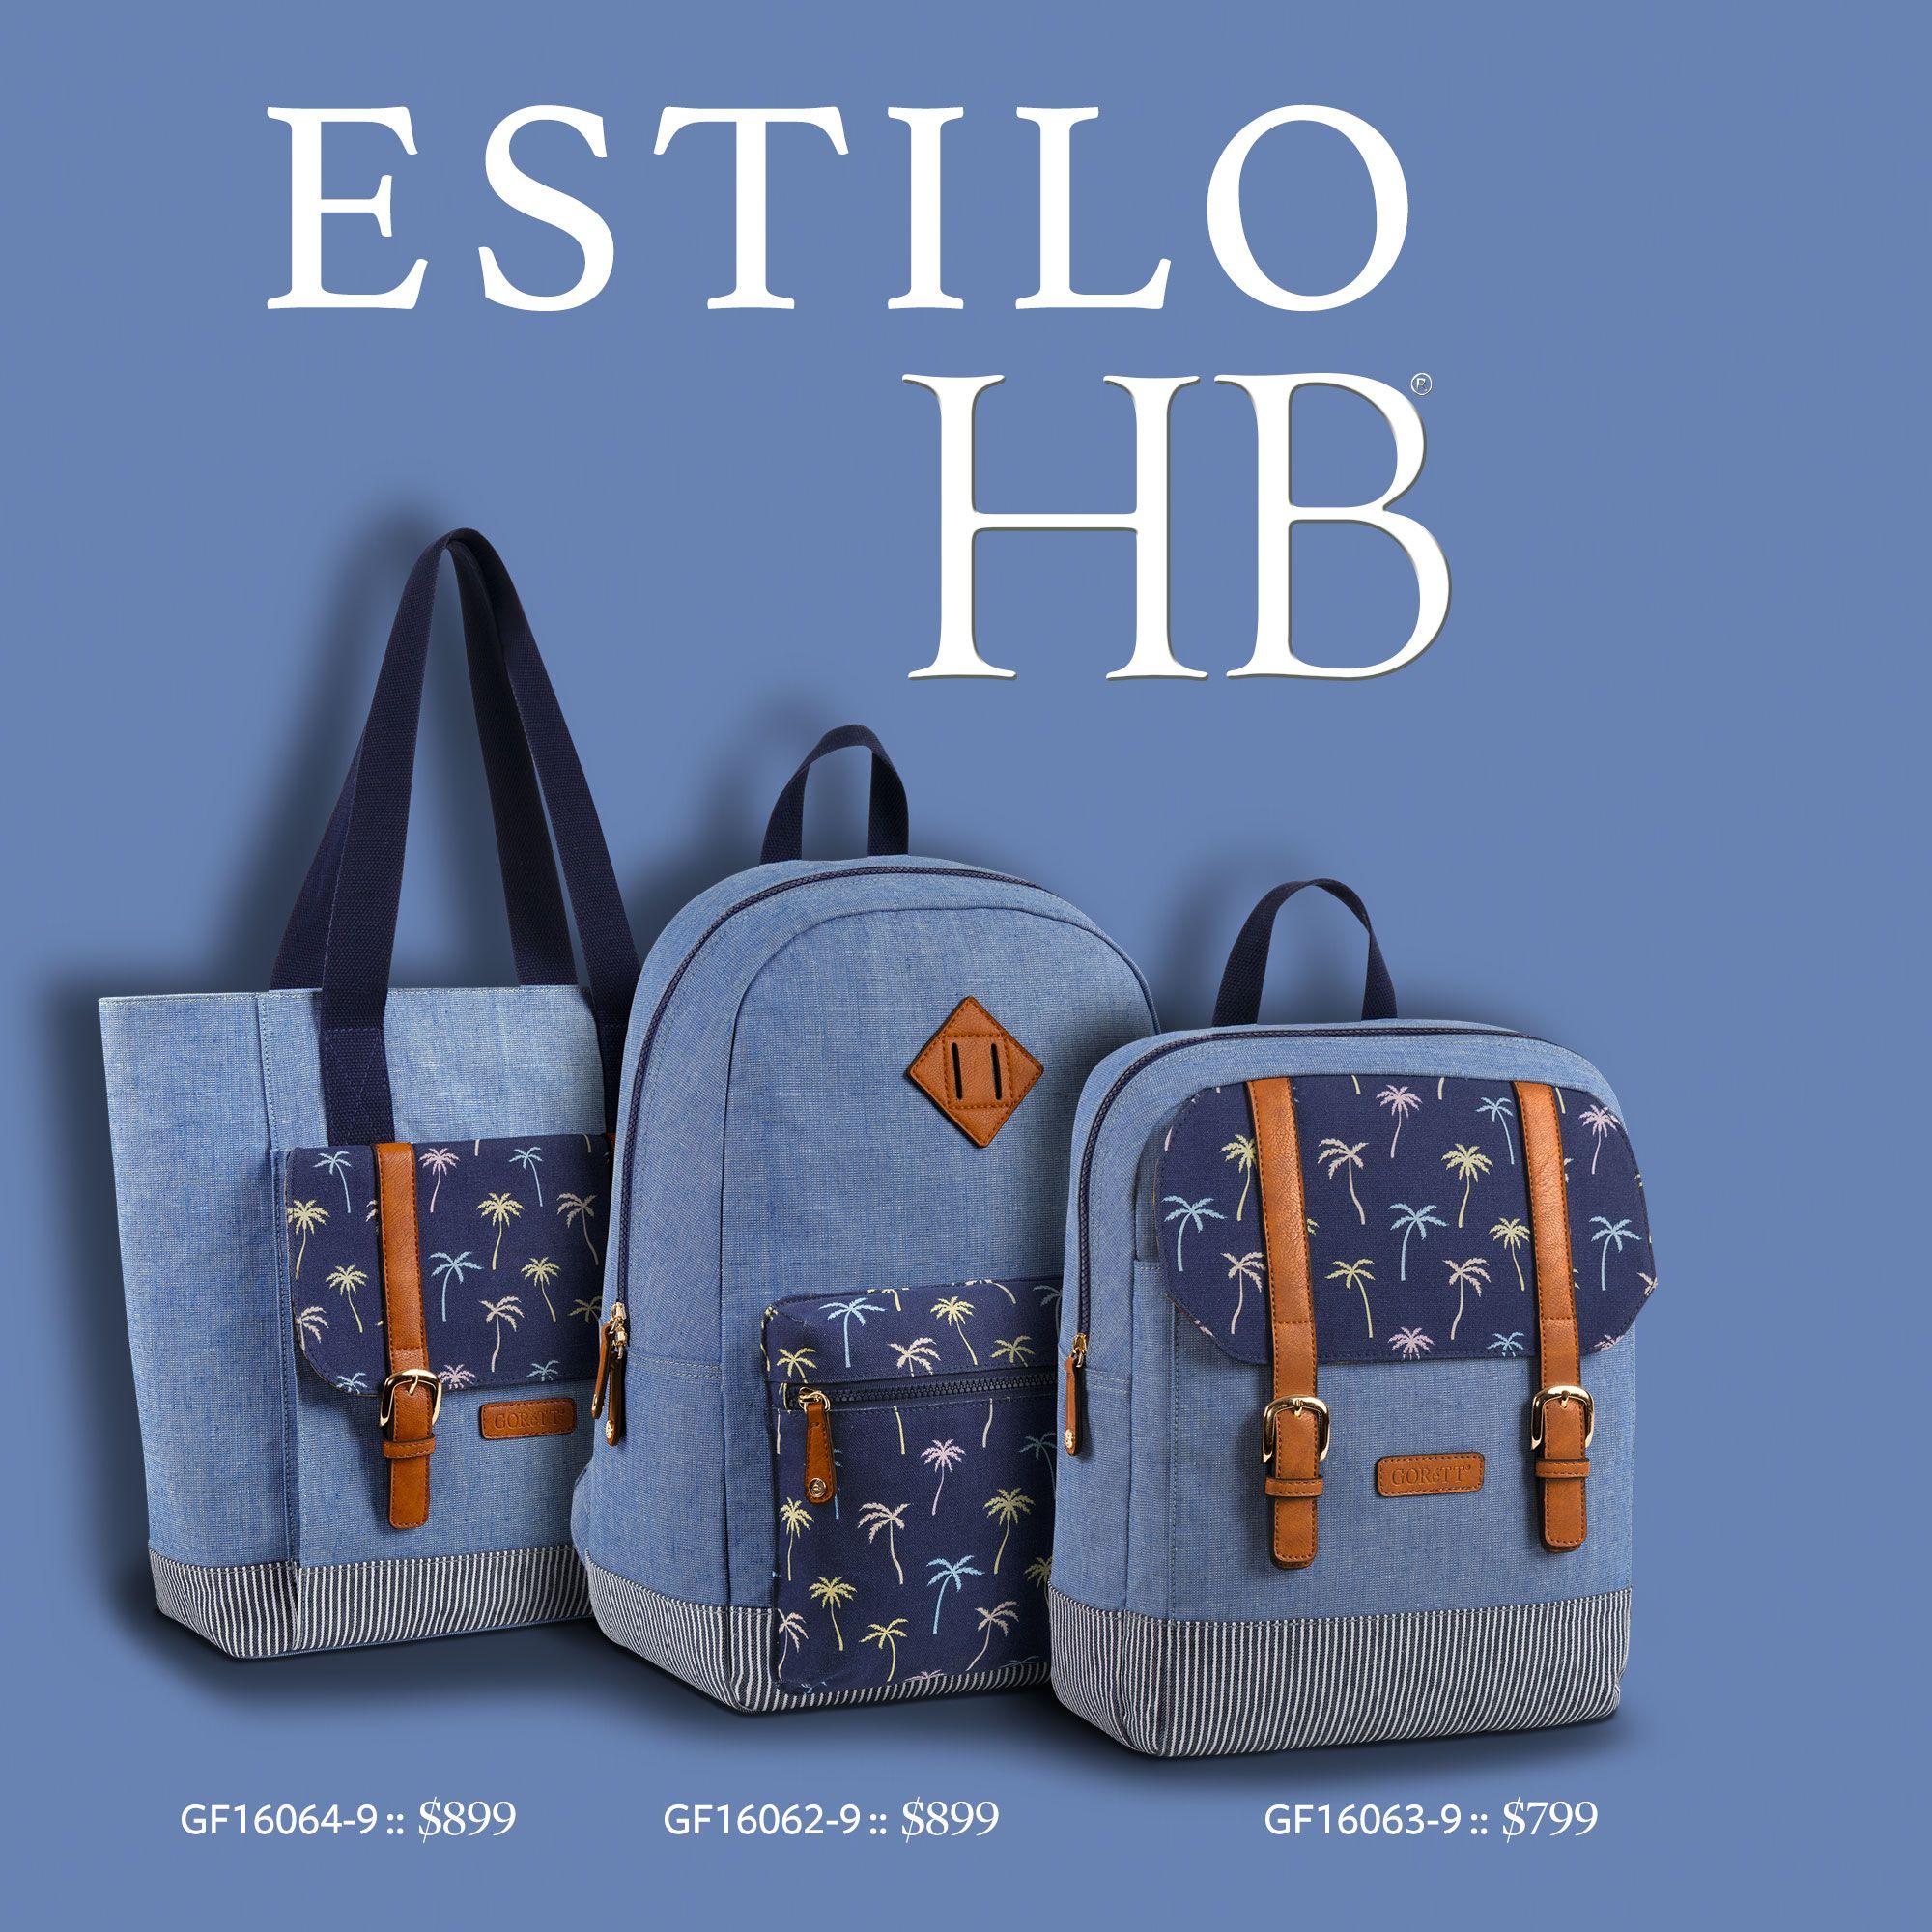 La vida es mejor con el estilo de los bolsos y mochilas de #HB® #Handbags #Bolsos #Mochilas #Moda #Hipster haz de cada día un juego casual